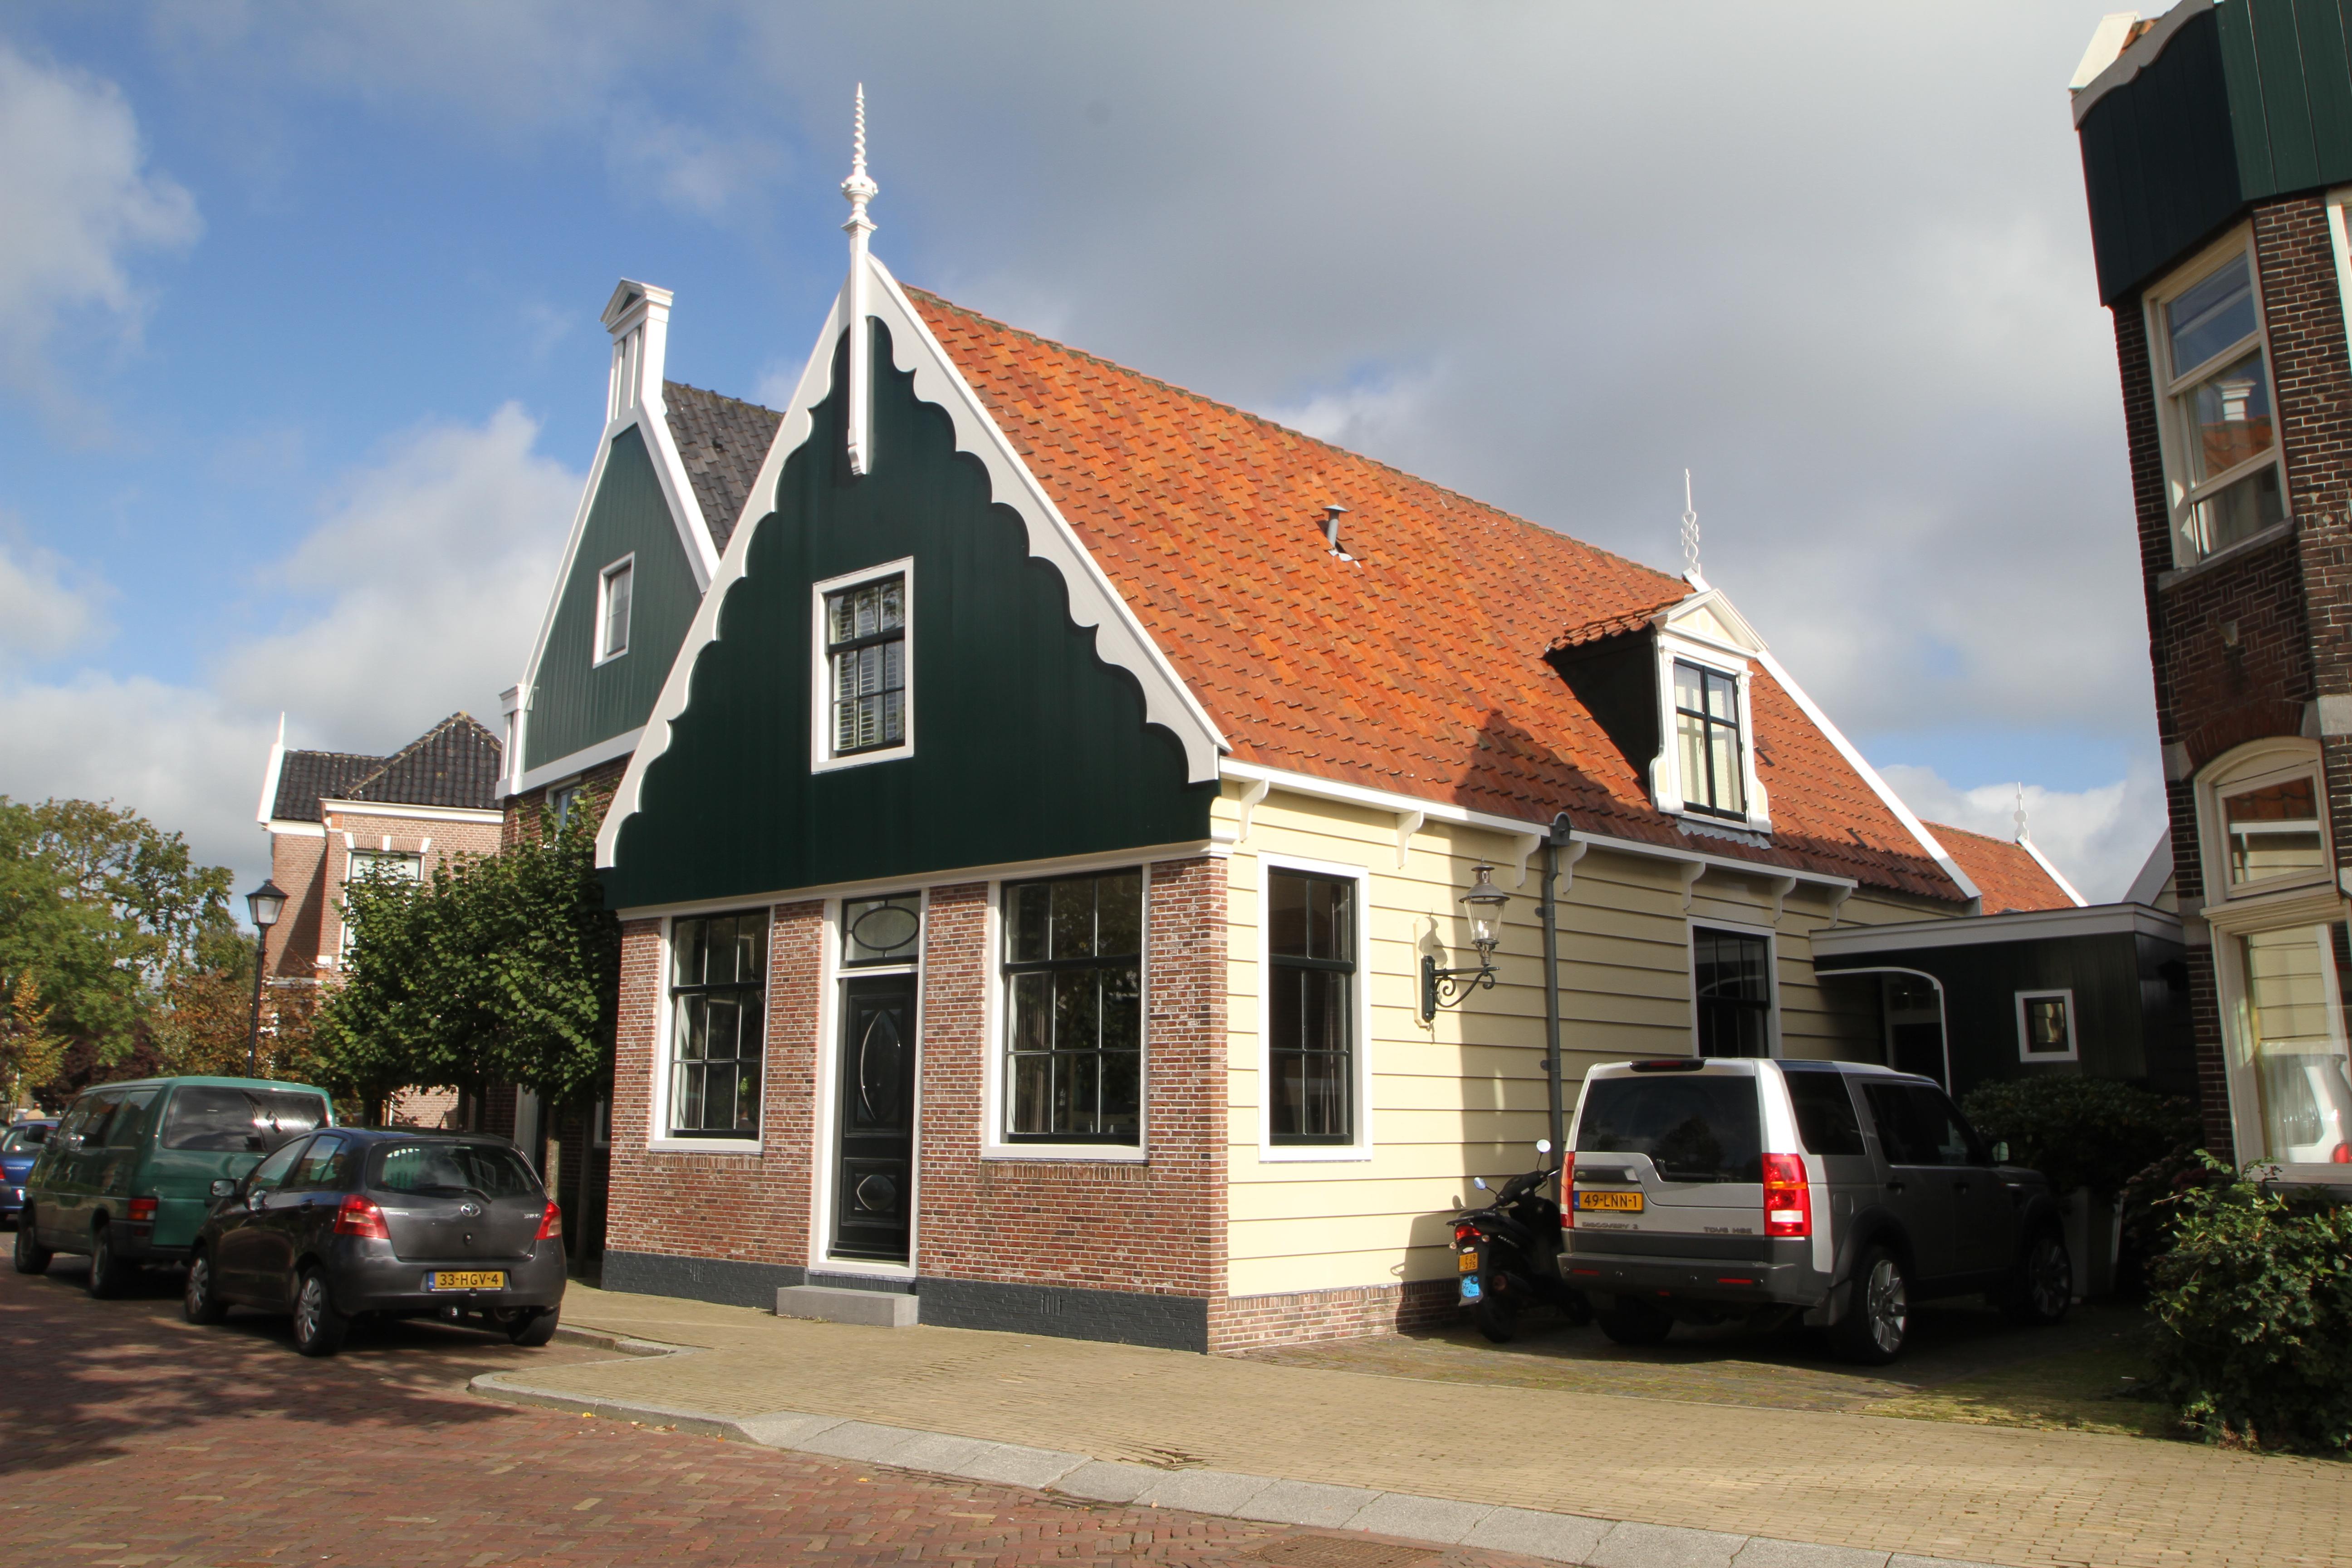 Zaans houten huis onder pannen zadeldak tussen puntgevels in zaandijk monument - Houten huis ...